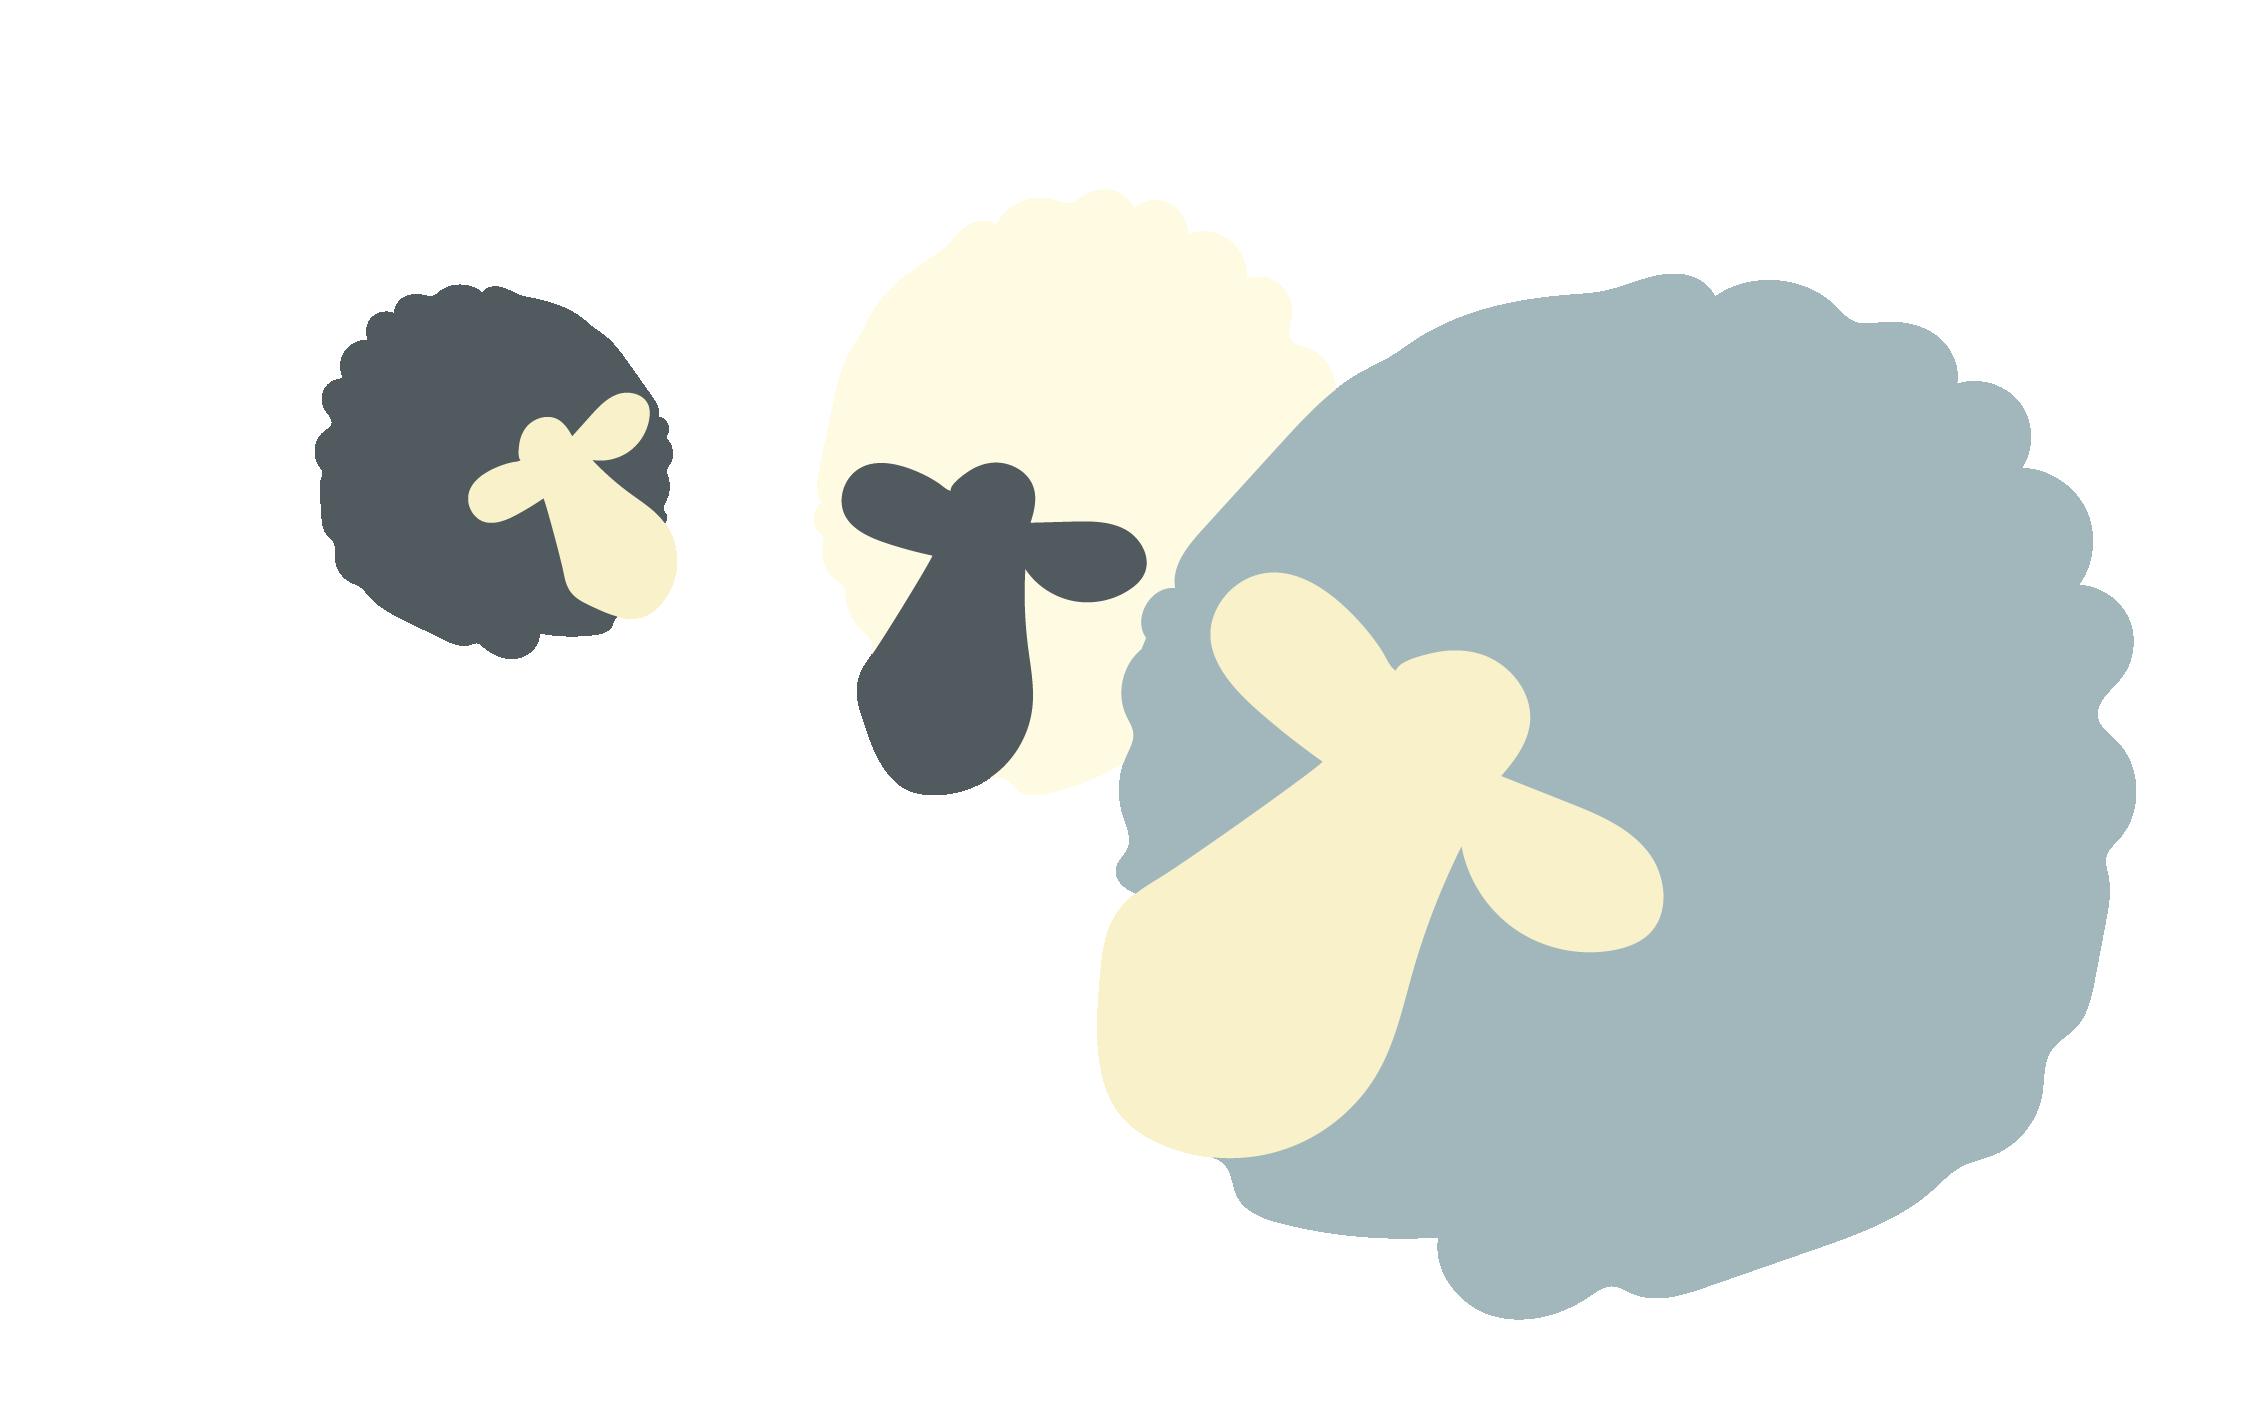 Curragh Sheep Graphic